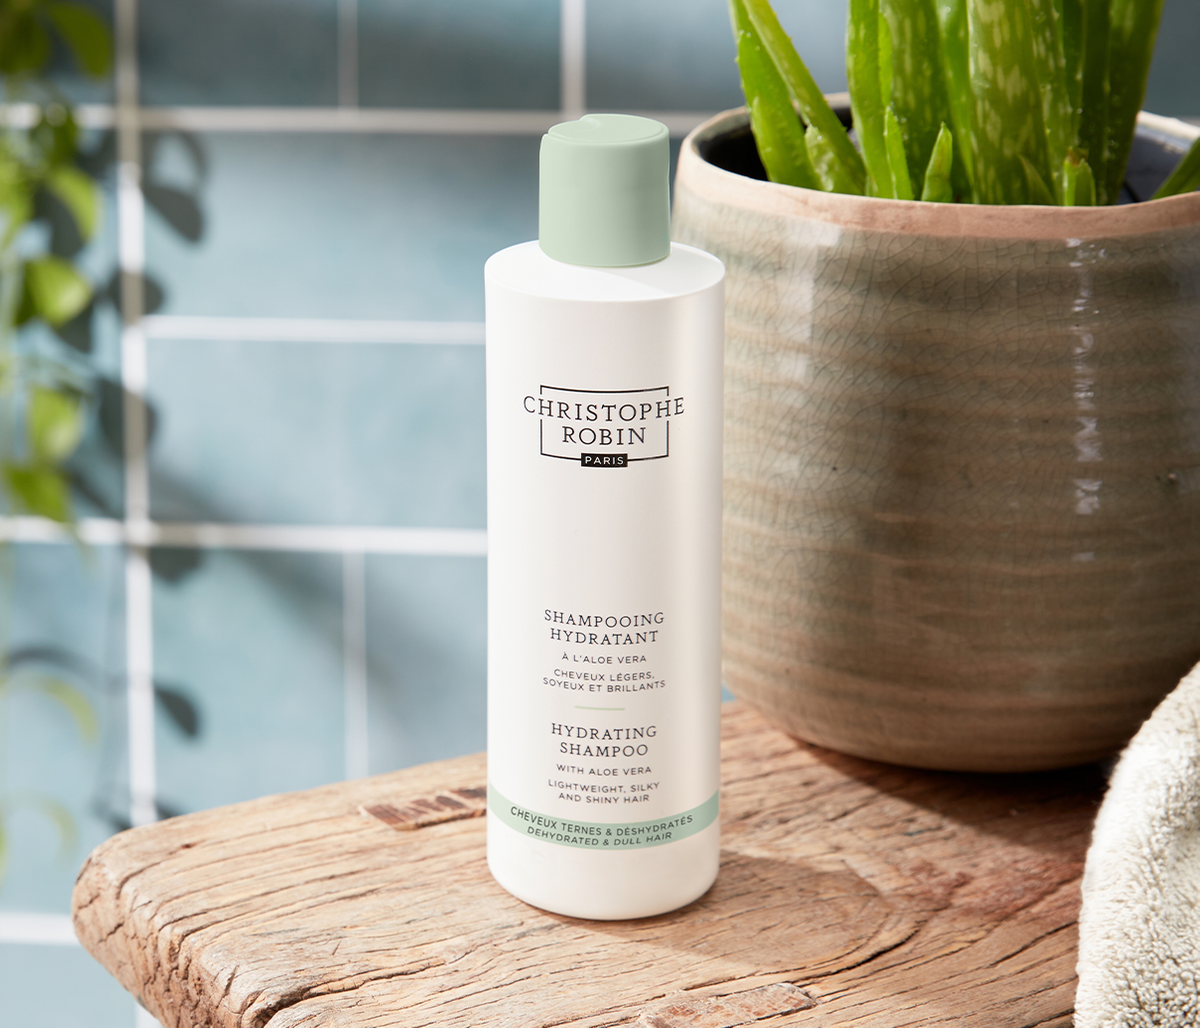 Hydrating Shampoo with Aloe Vera